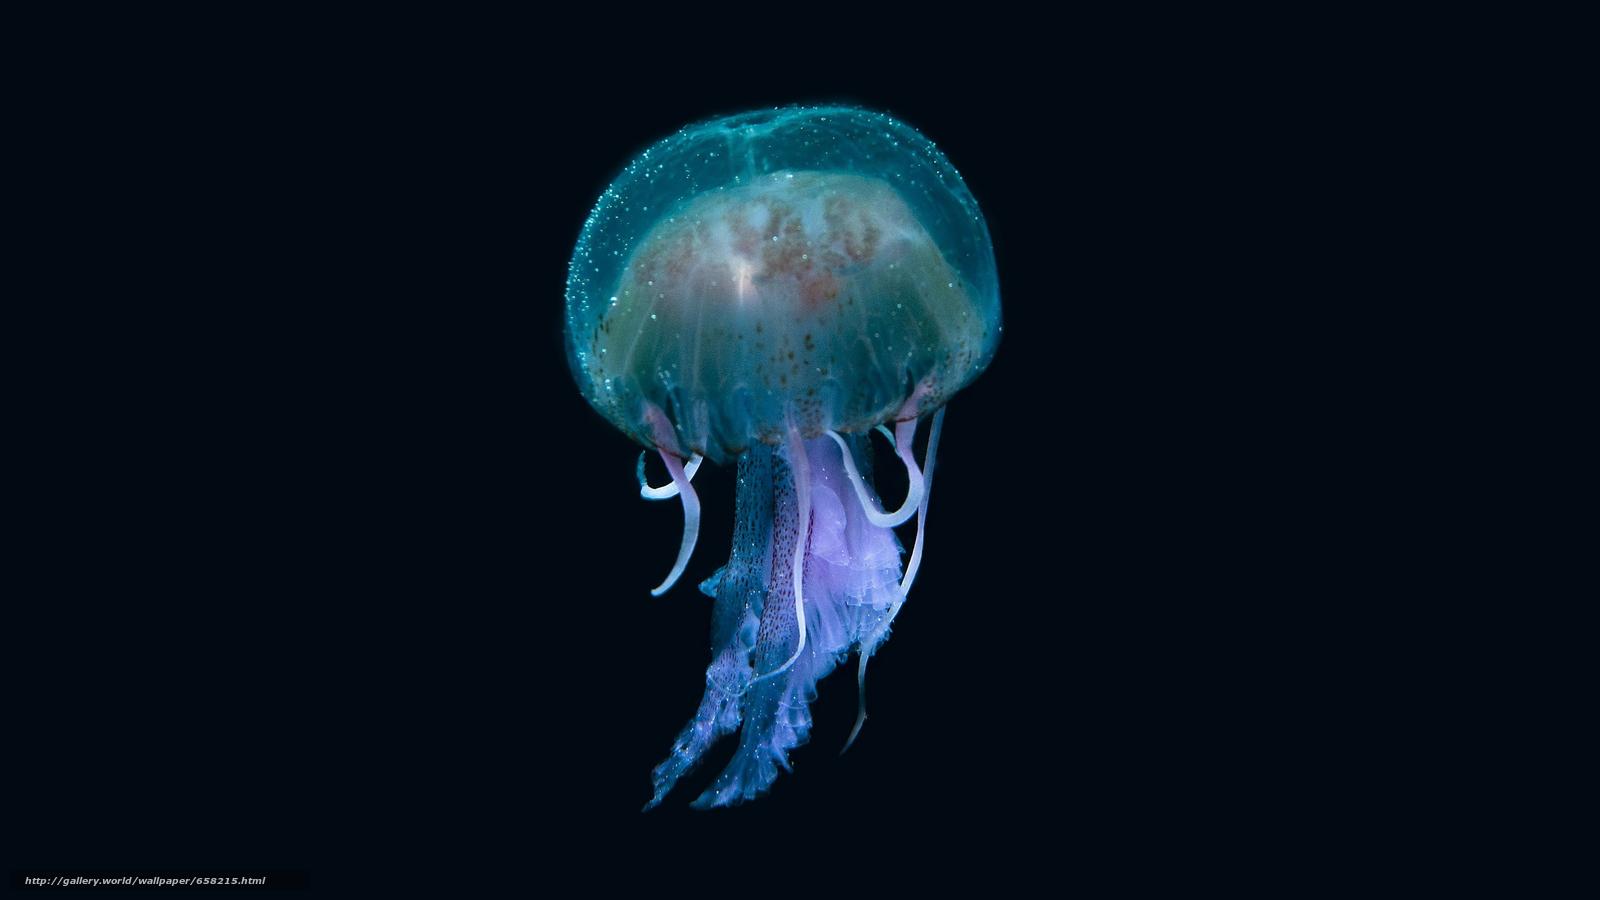 pobra tapety meduza,  Meduza,  Podwodny świat,  woda Darmowe tapety na pulpit rozdzielczoci 2560x1440 — zdjcie №658215